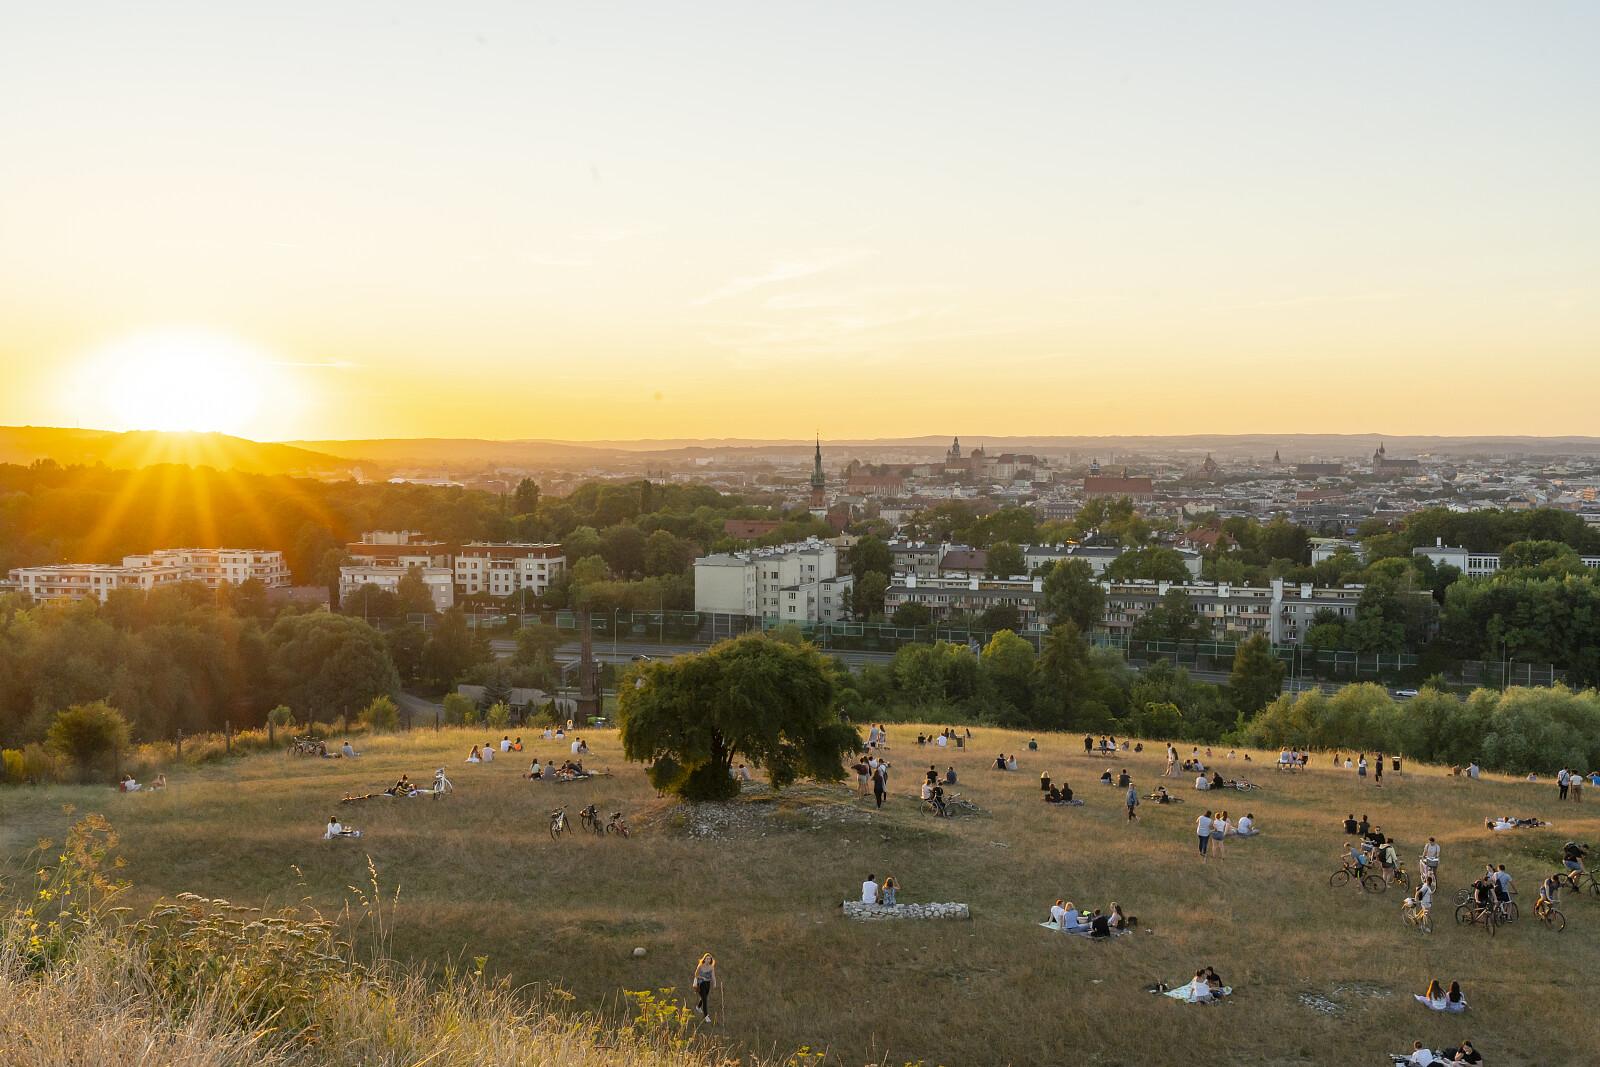 Kraków o zachodzie słońca. Widok spod kopca Krakusa (fot. chrispictures / depostphotos.com)